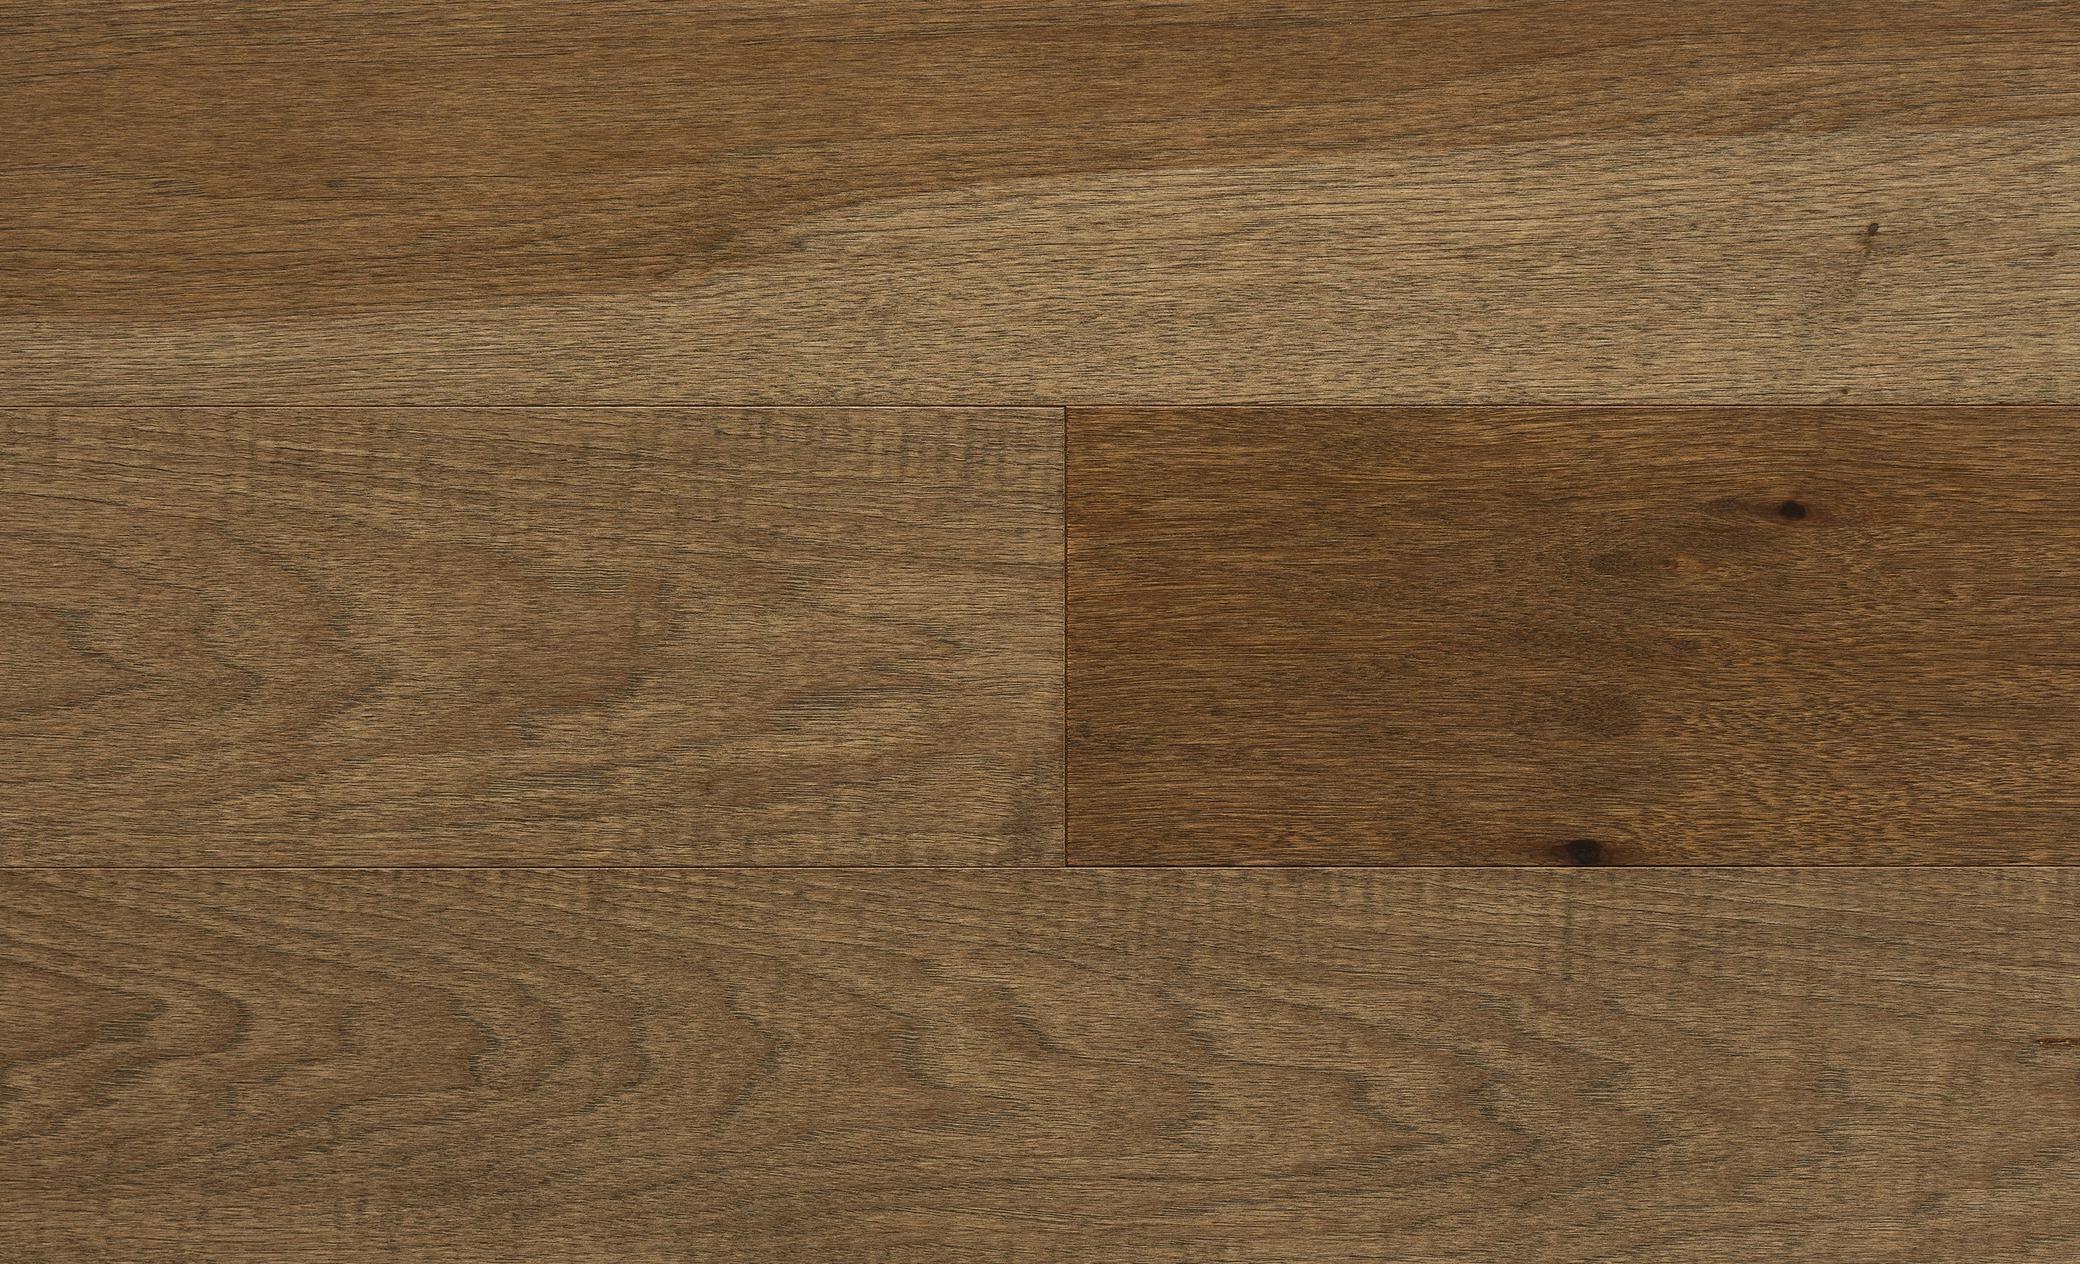 Hickory Sepia